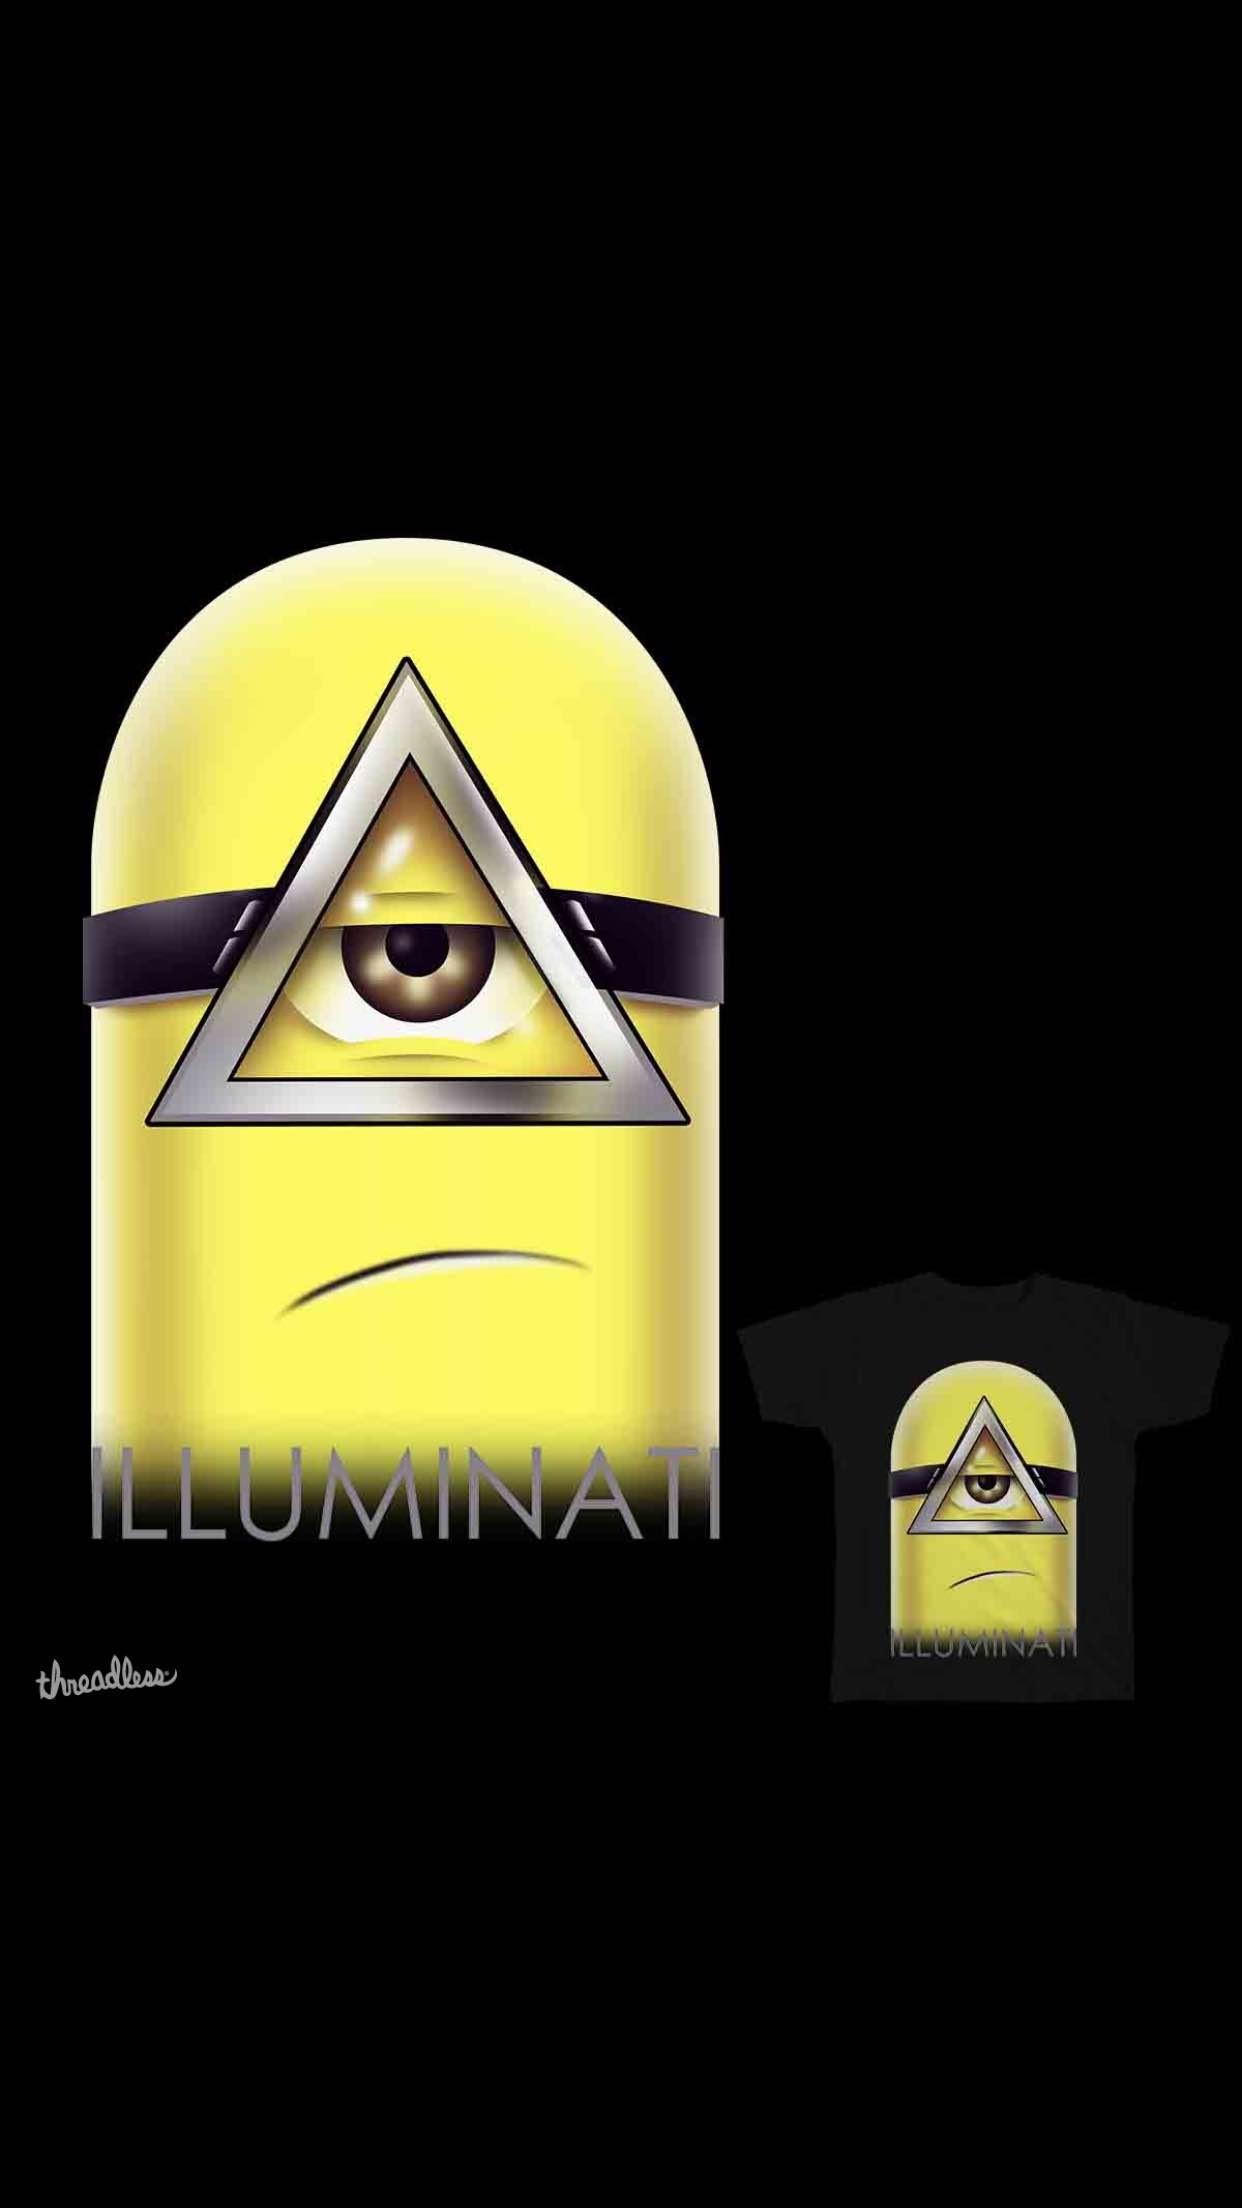 illuminati-minions-3-3Wallpapers-iPhone-Parallax